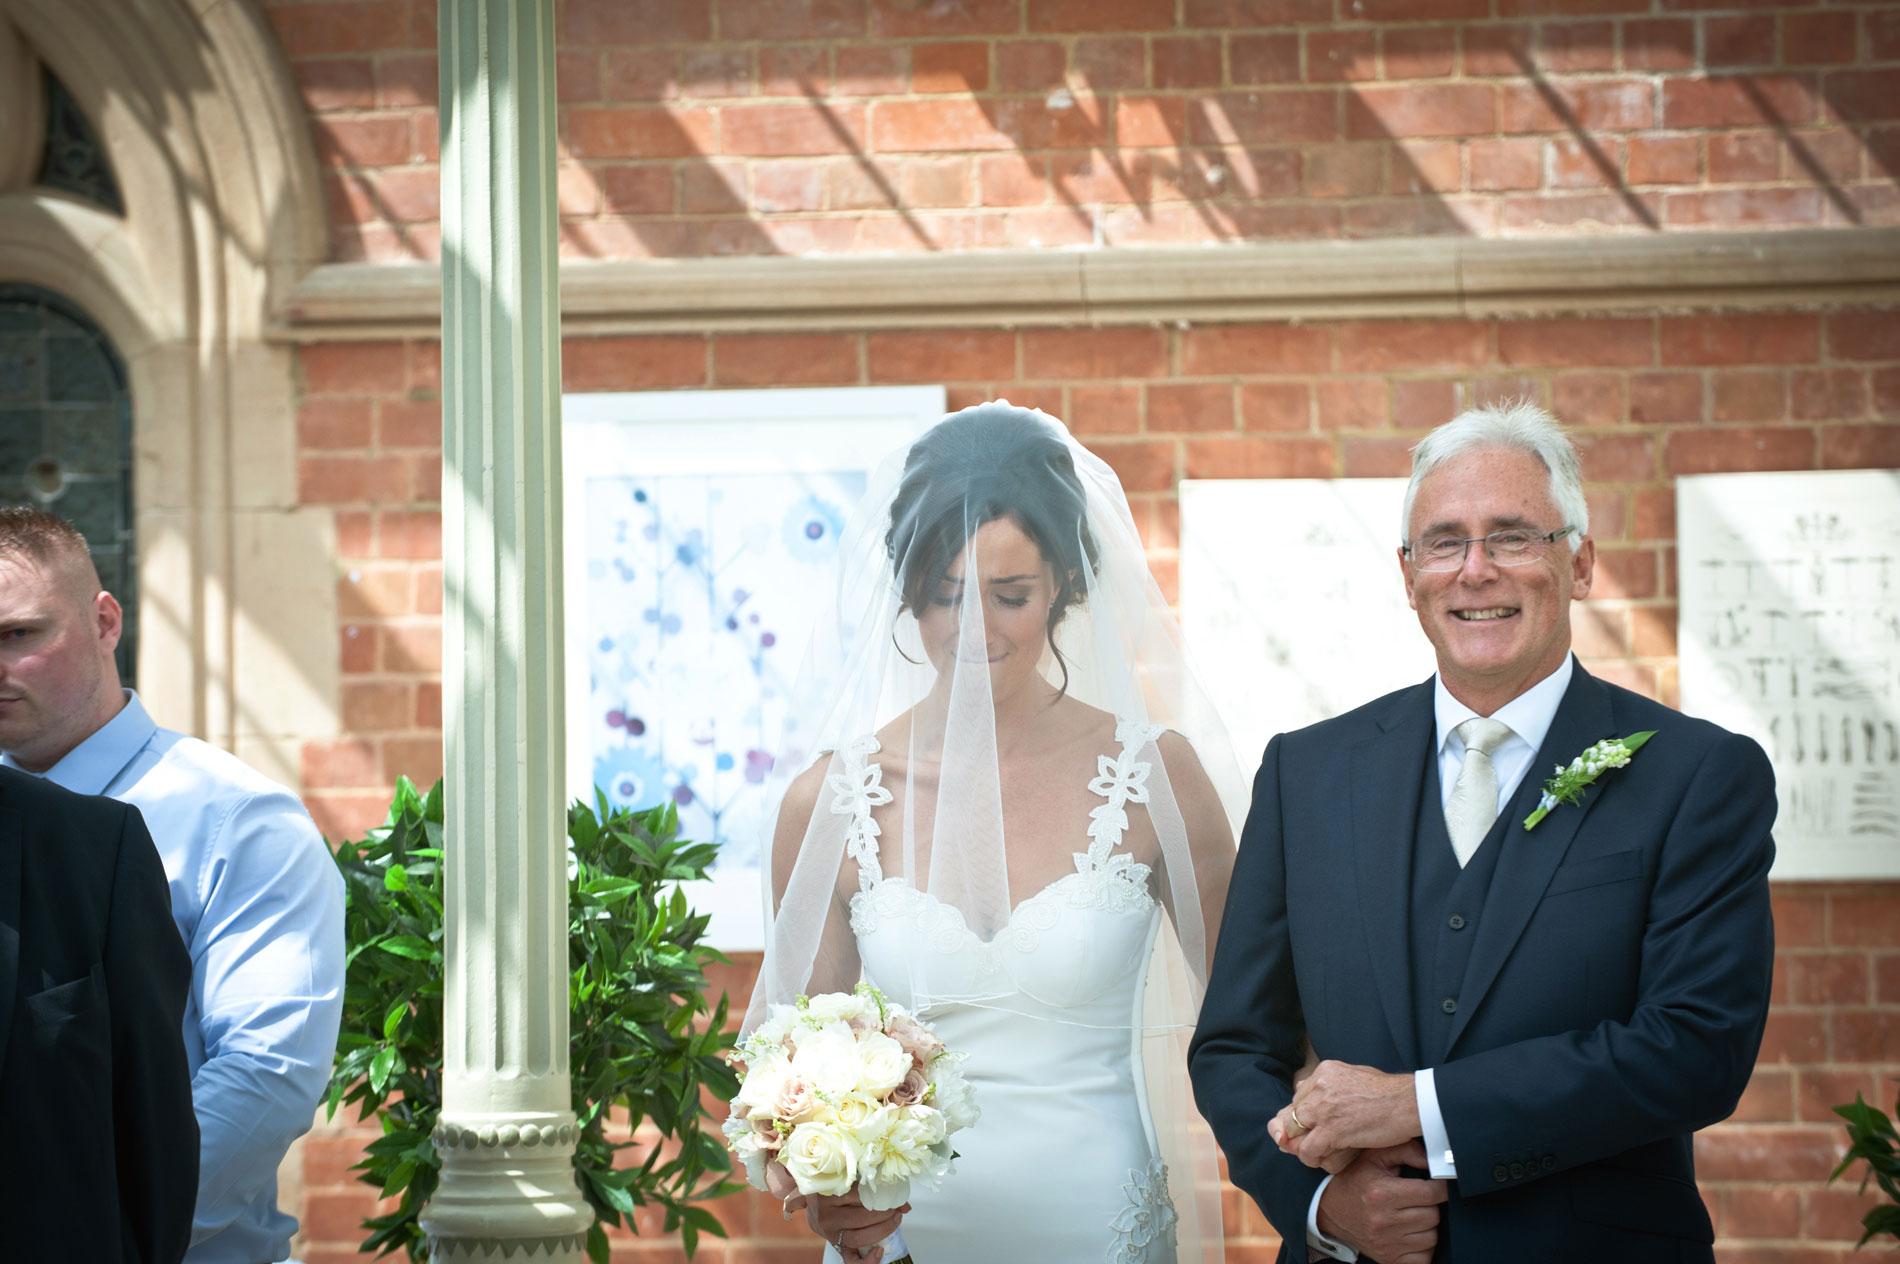 Kilworth-weddings-_24.jpg